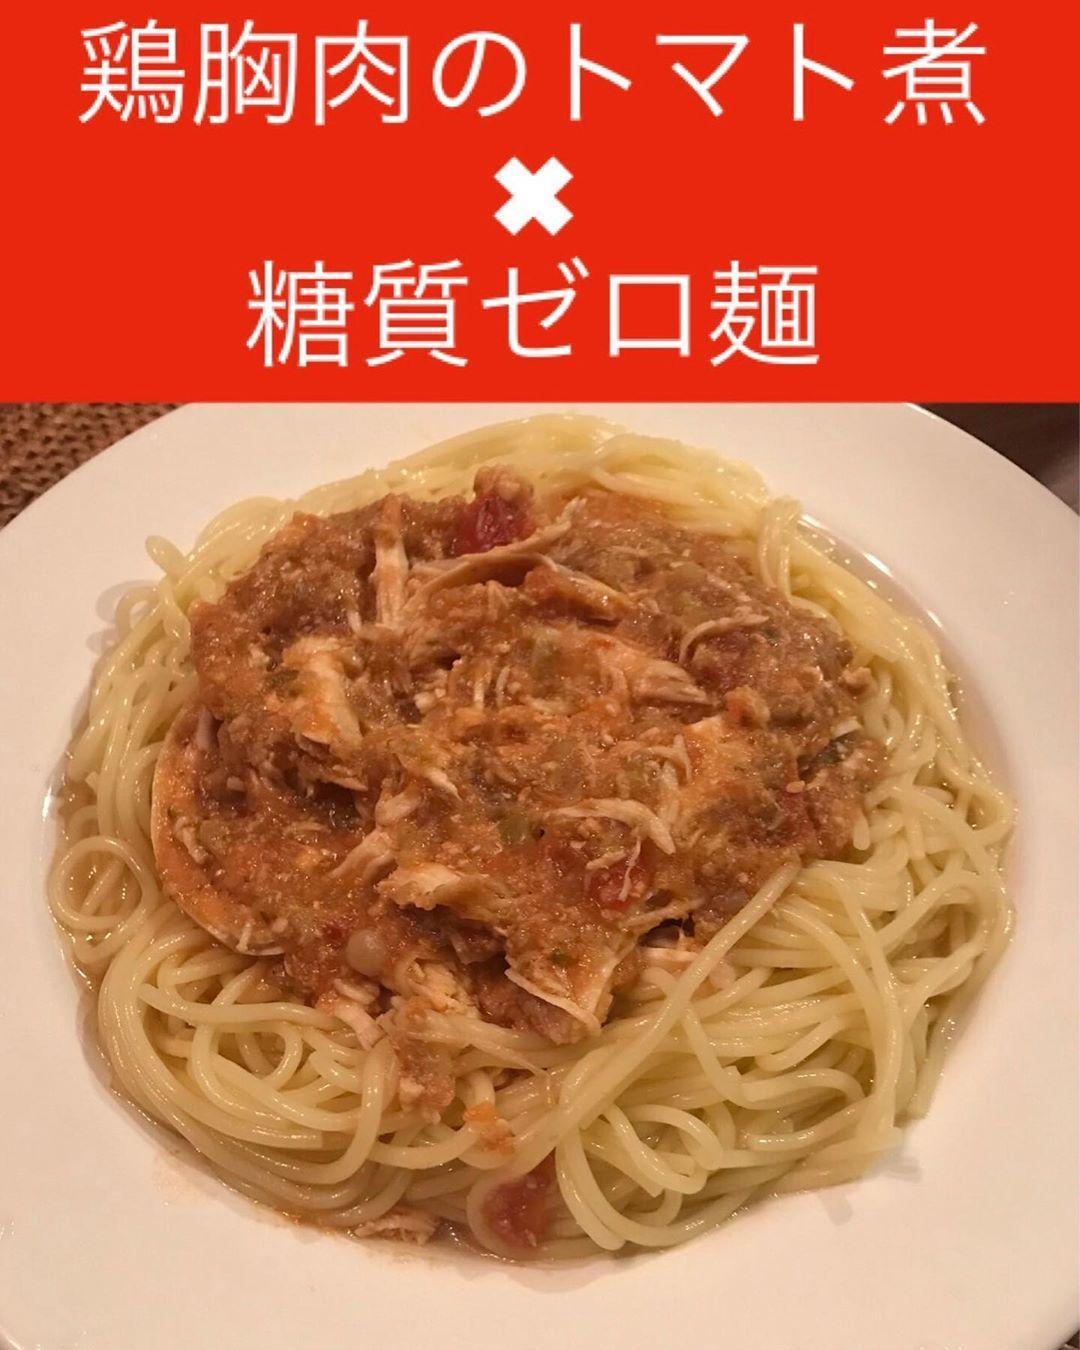 . 昨日ご紹介した鶏胸肉のトマト煮を 糖質ゼロ麺に乗せてパスタ風に🍝 . ボリュームたっぷり👌 . 冷えてても...